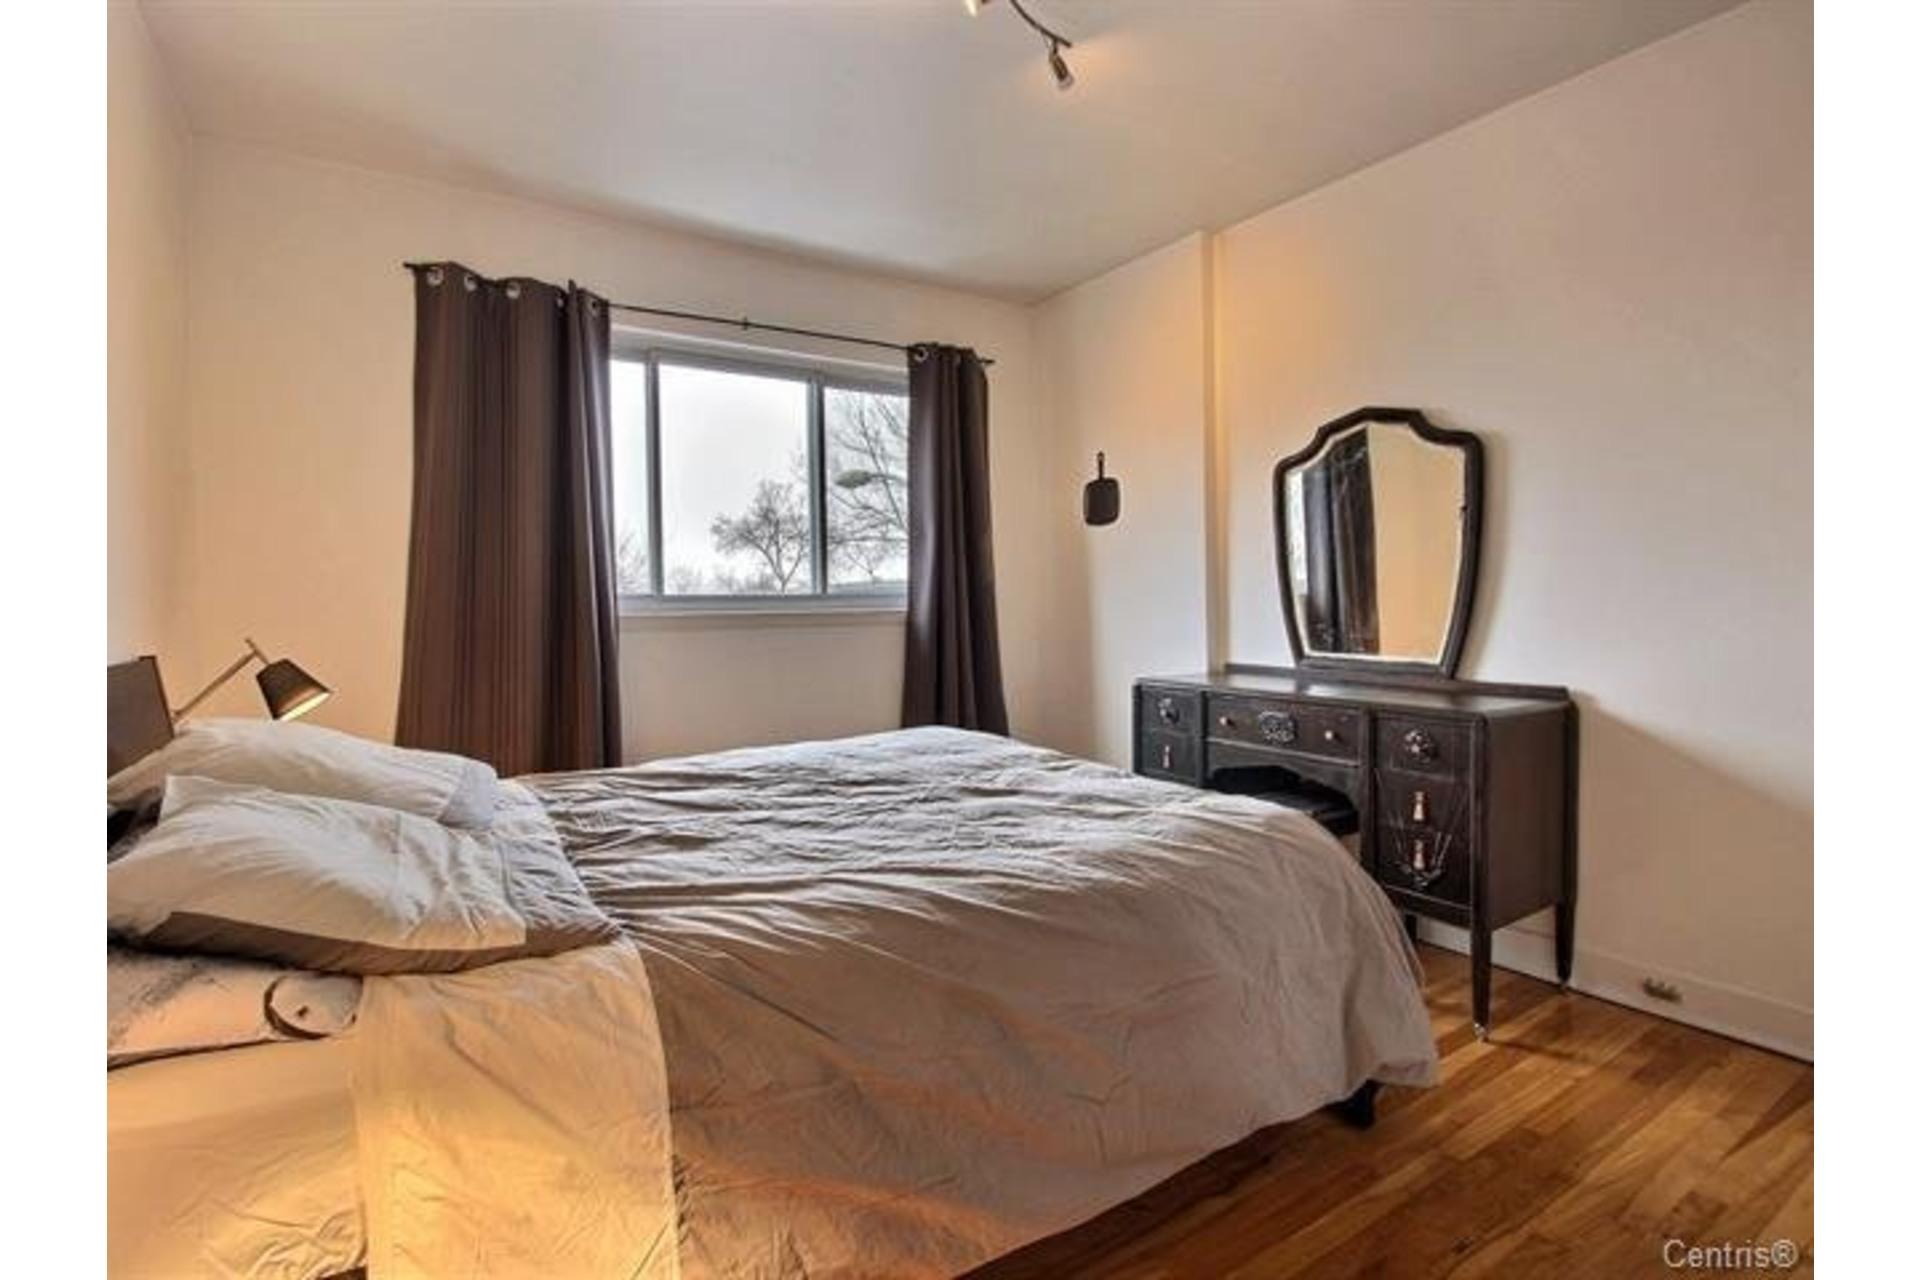 image 17 - Apartment For rent Montréal Mercier/Hochelaga-Maisonneuve  - 7 rooms